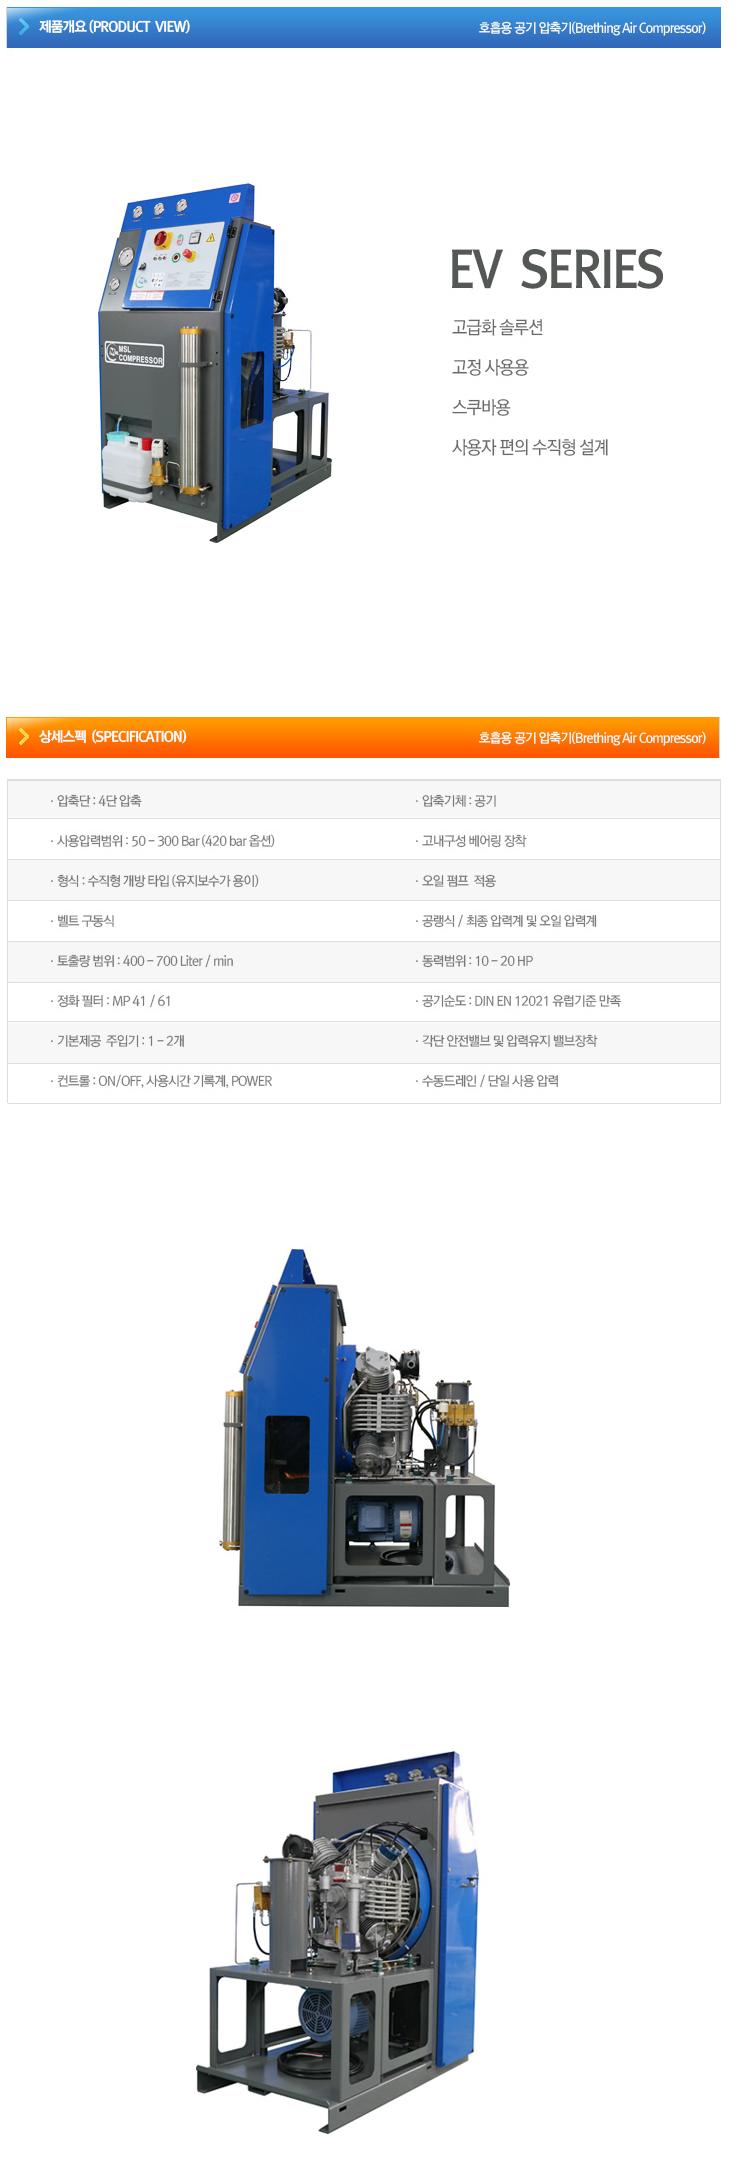 (주)엠에스엘콤프레서 초고압용 (700bar. max)  3